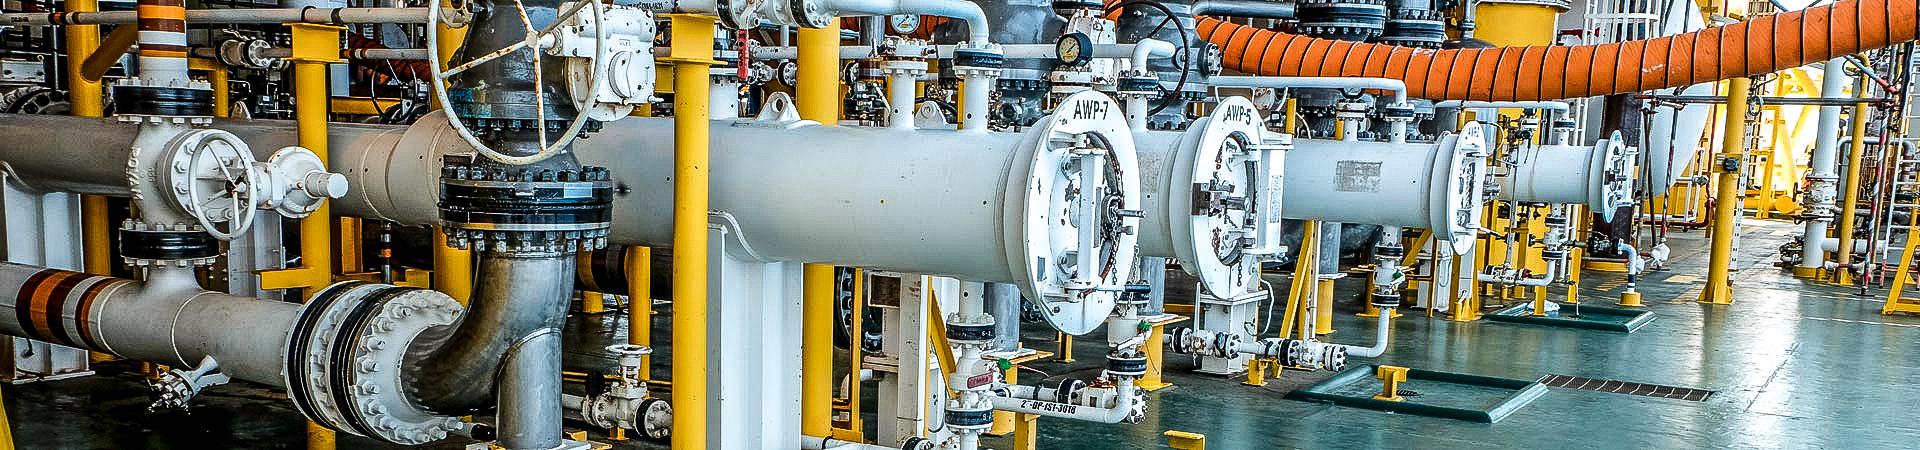 Instandsetzung von Industrieanlagen - IBE Industrieservice